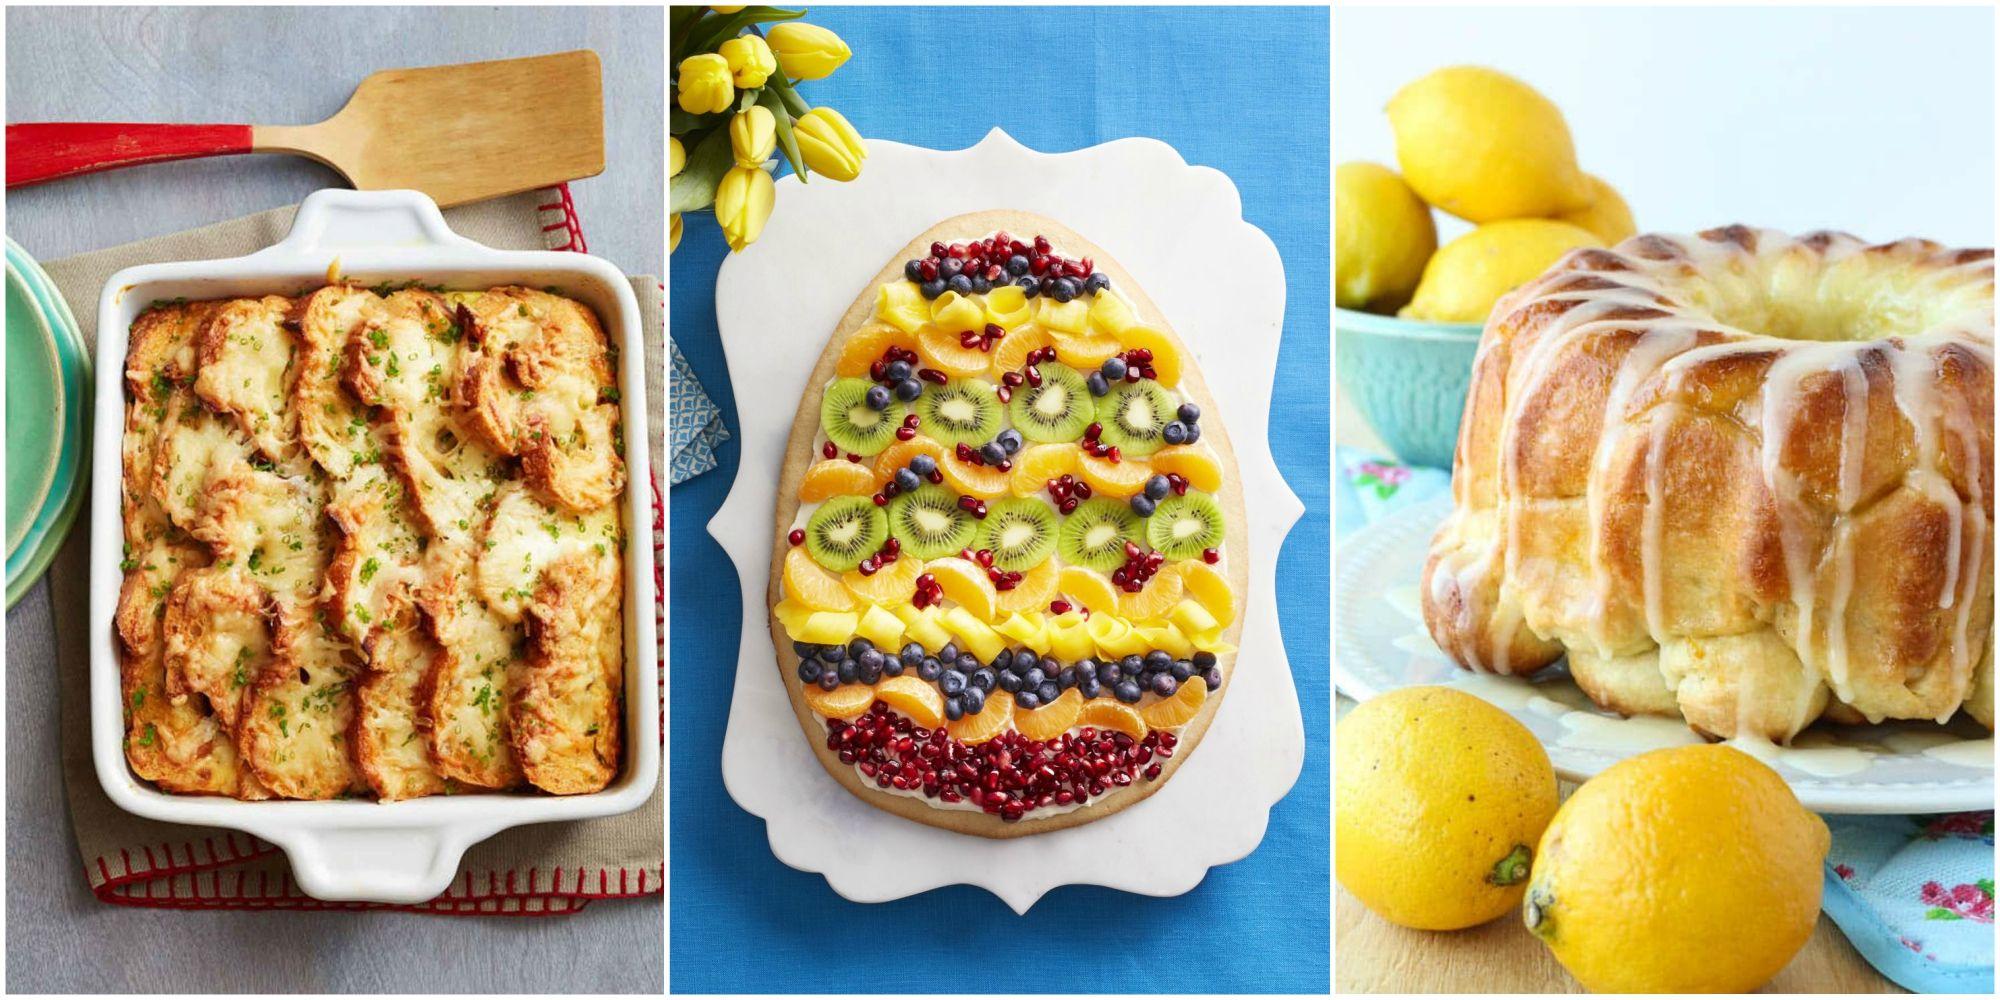 27 Best Easter Brunch Recipes   Easy Easter Sunday Brunch Menu Ideas